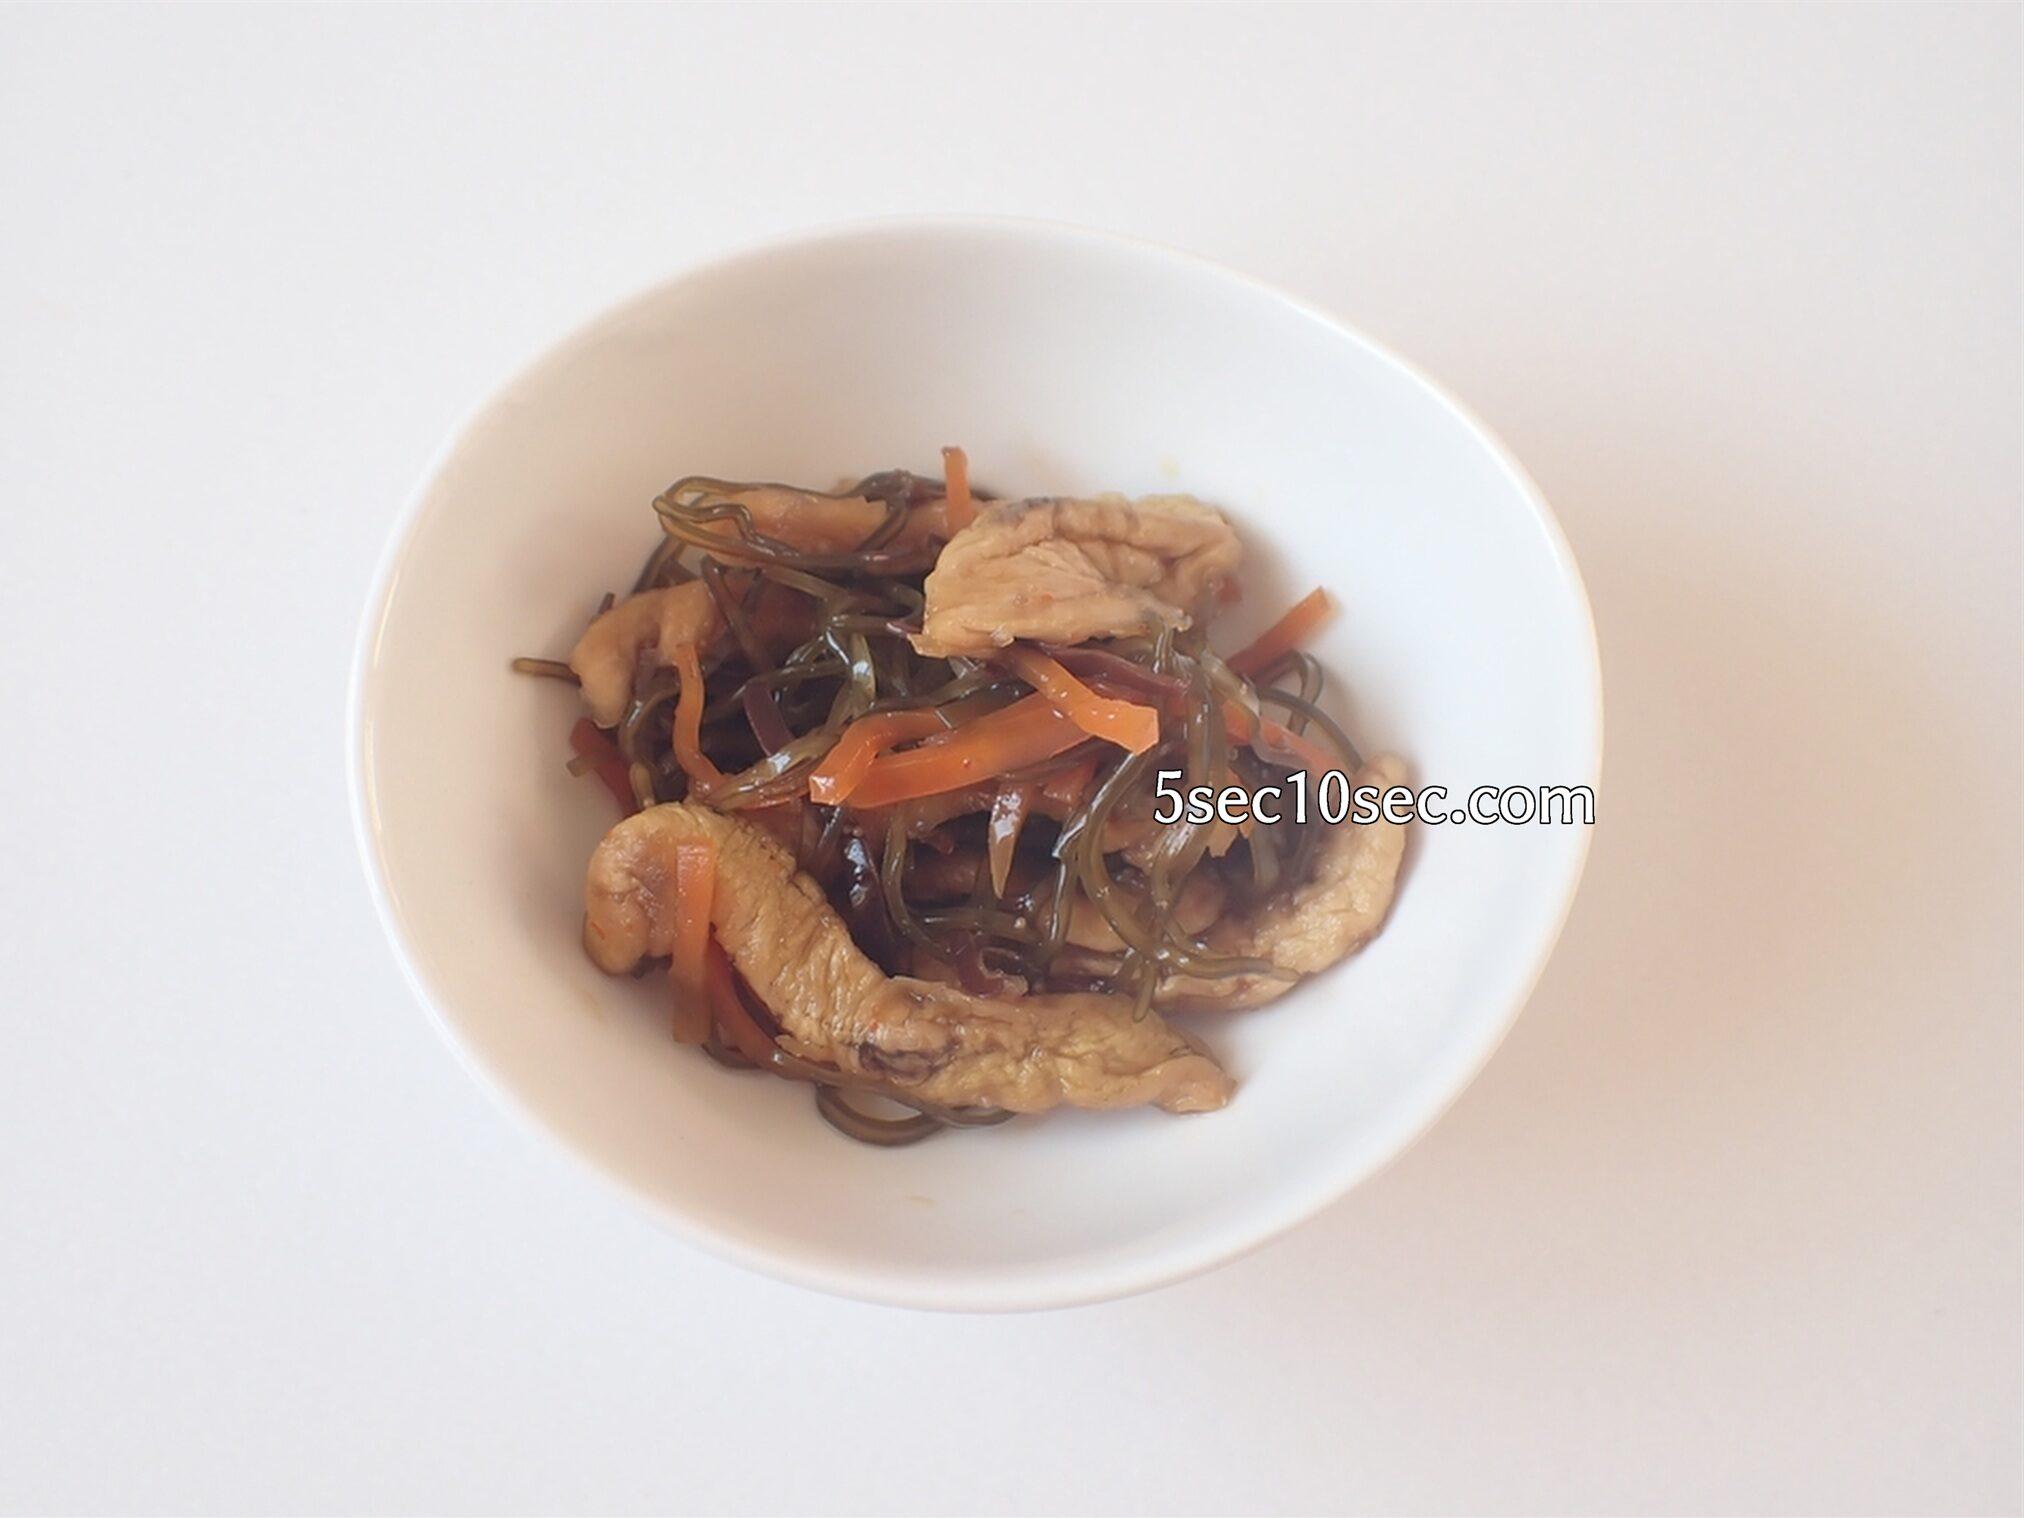 マルアイ食品 国産野菜使用 漬物 無添加食品 あとひきぱりぱり 松前漬 170g 家庭的なシンプルな味つけです